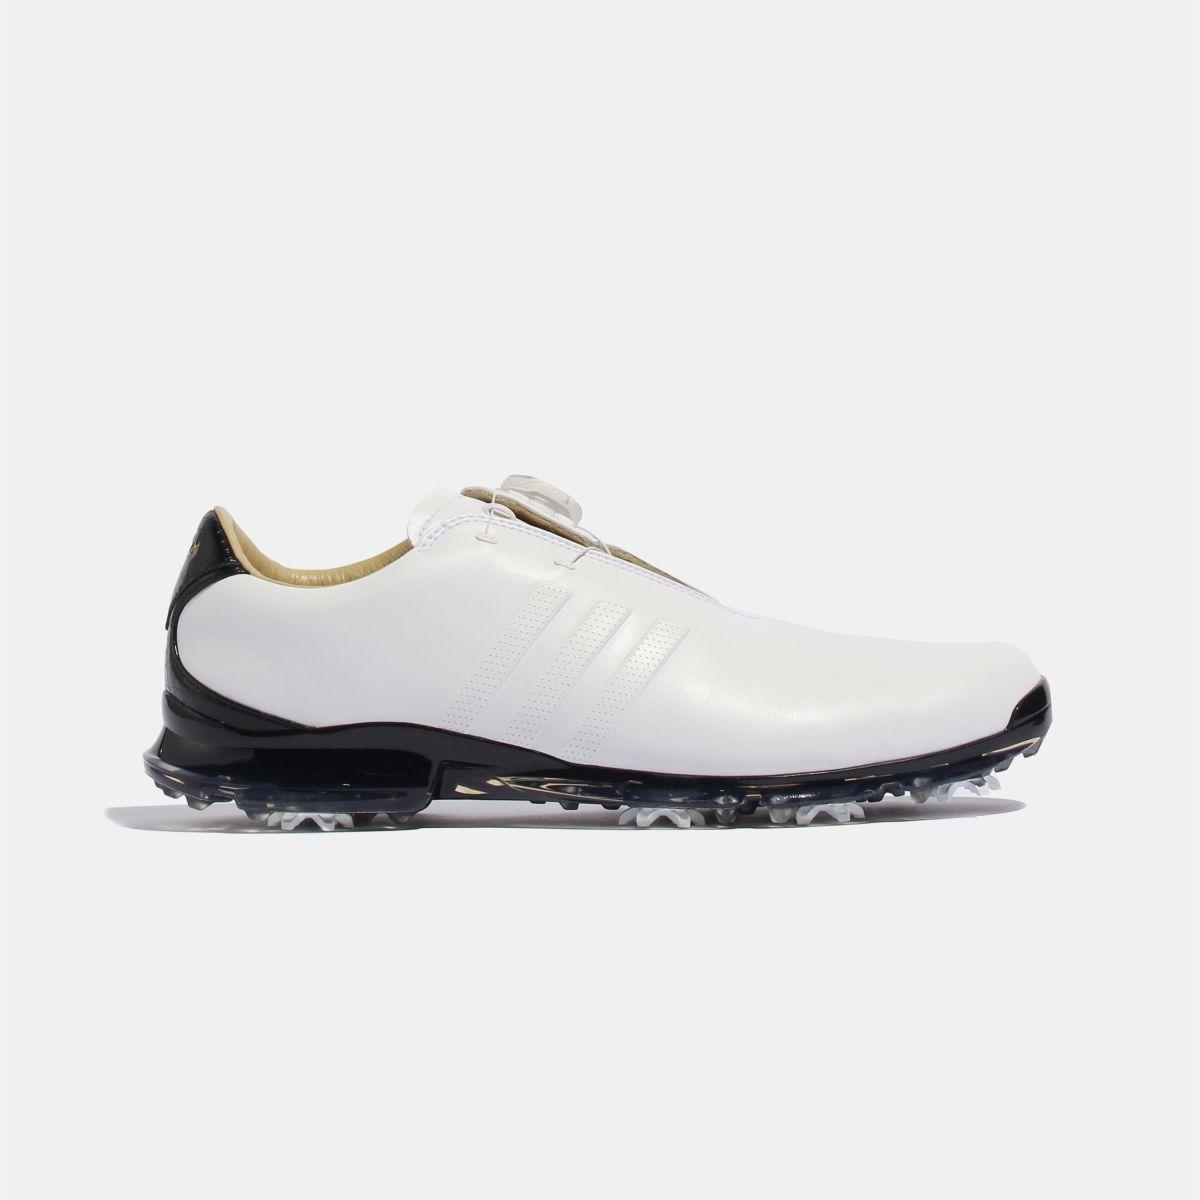 【公式】アディダス adidas アディピュア レイ ボア 2.0 【ゴルフ】 メンズ ゴルフ シューズ スポーツシューズ F33586